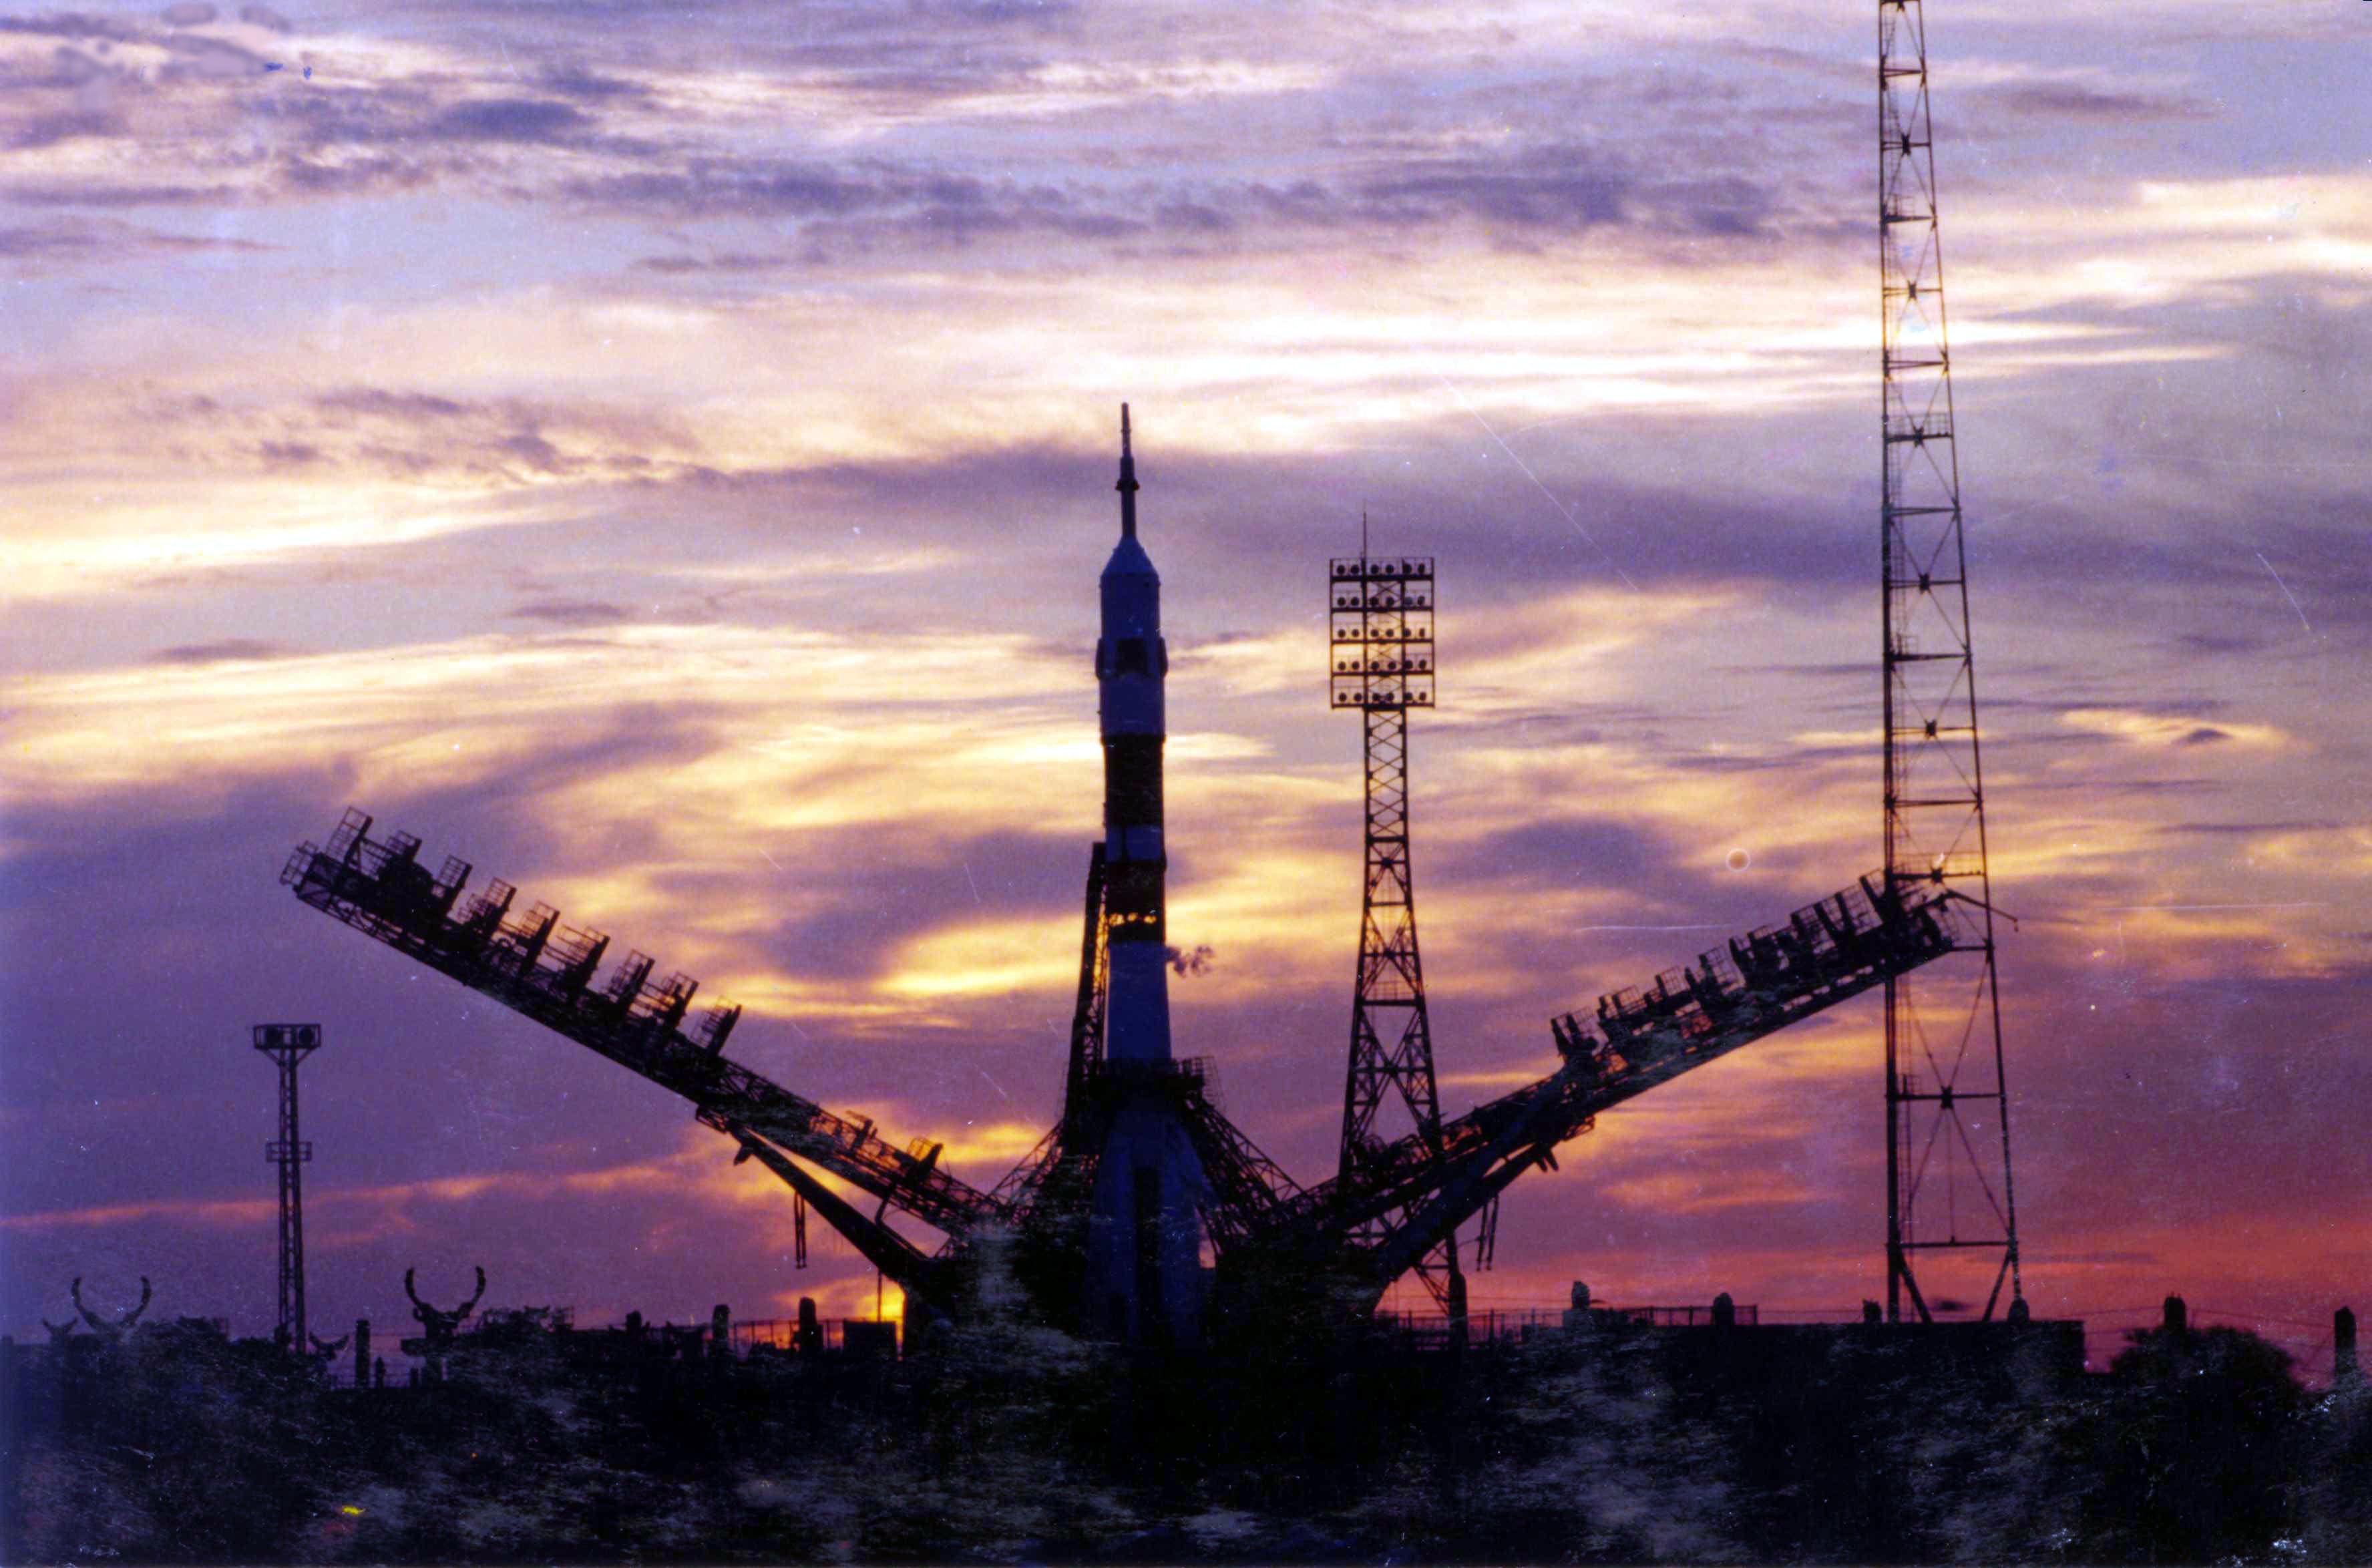 Транспортный пилотируемый корабль «Союз МС-11» заправили на Байконуре